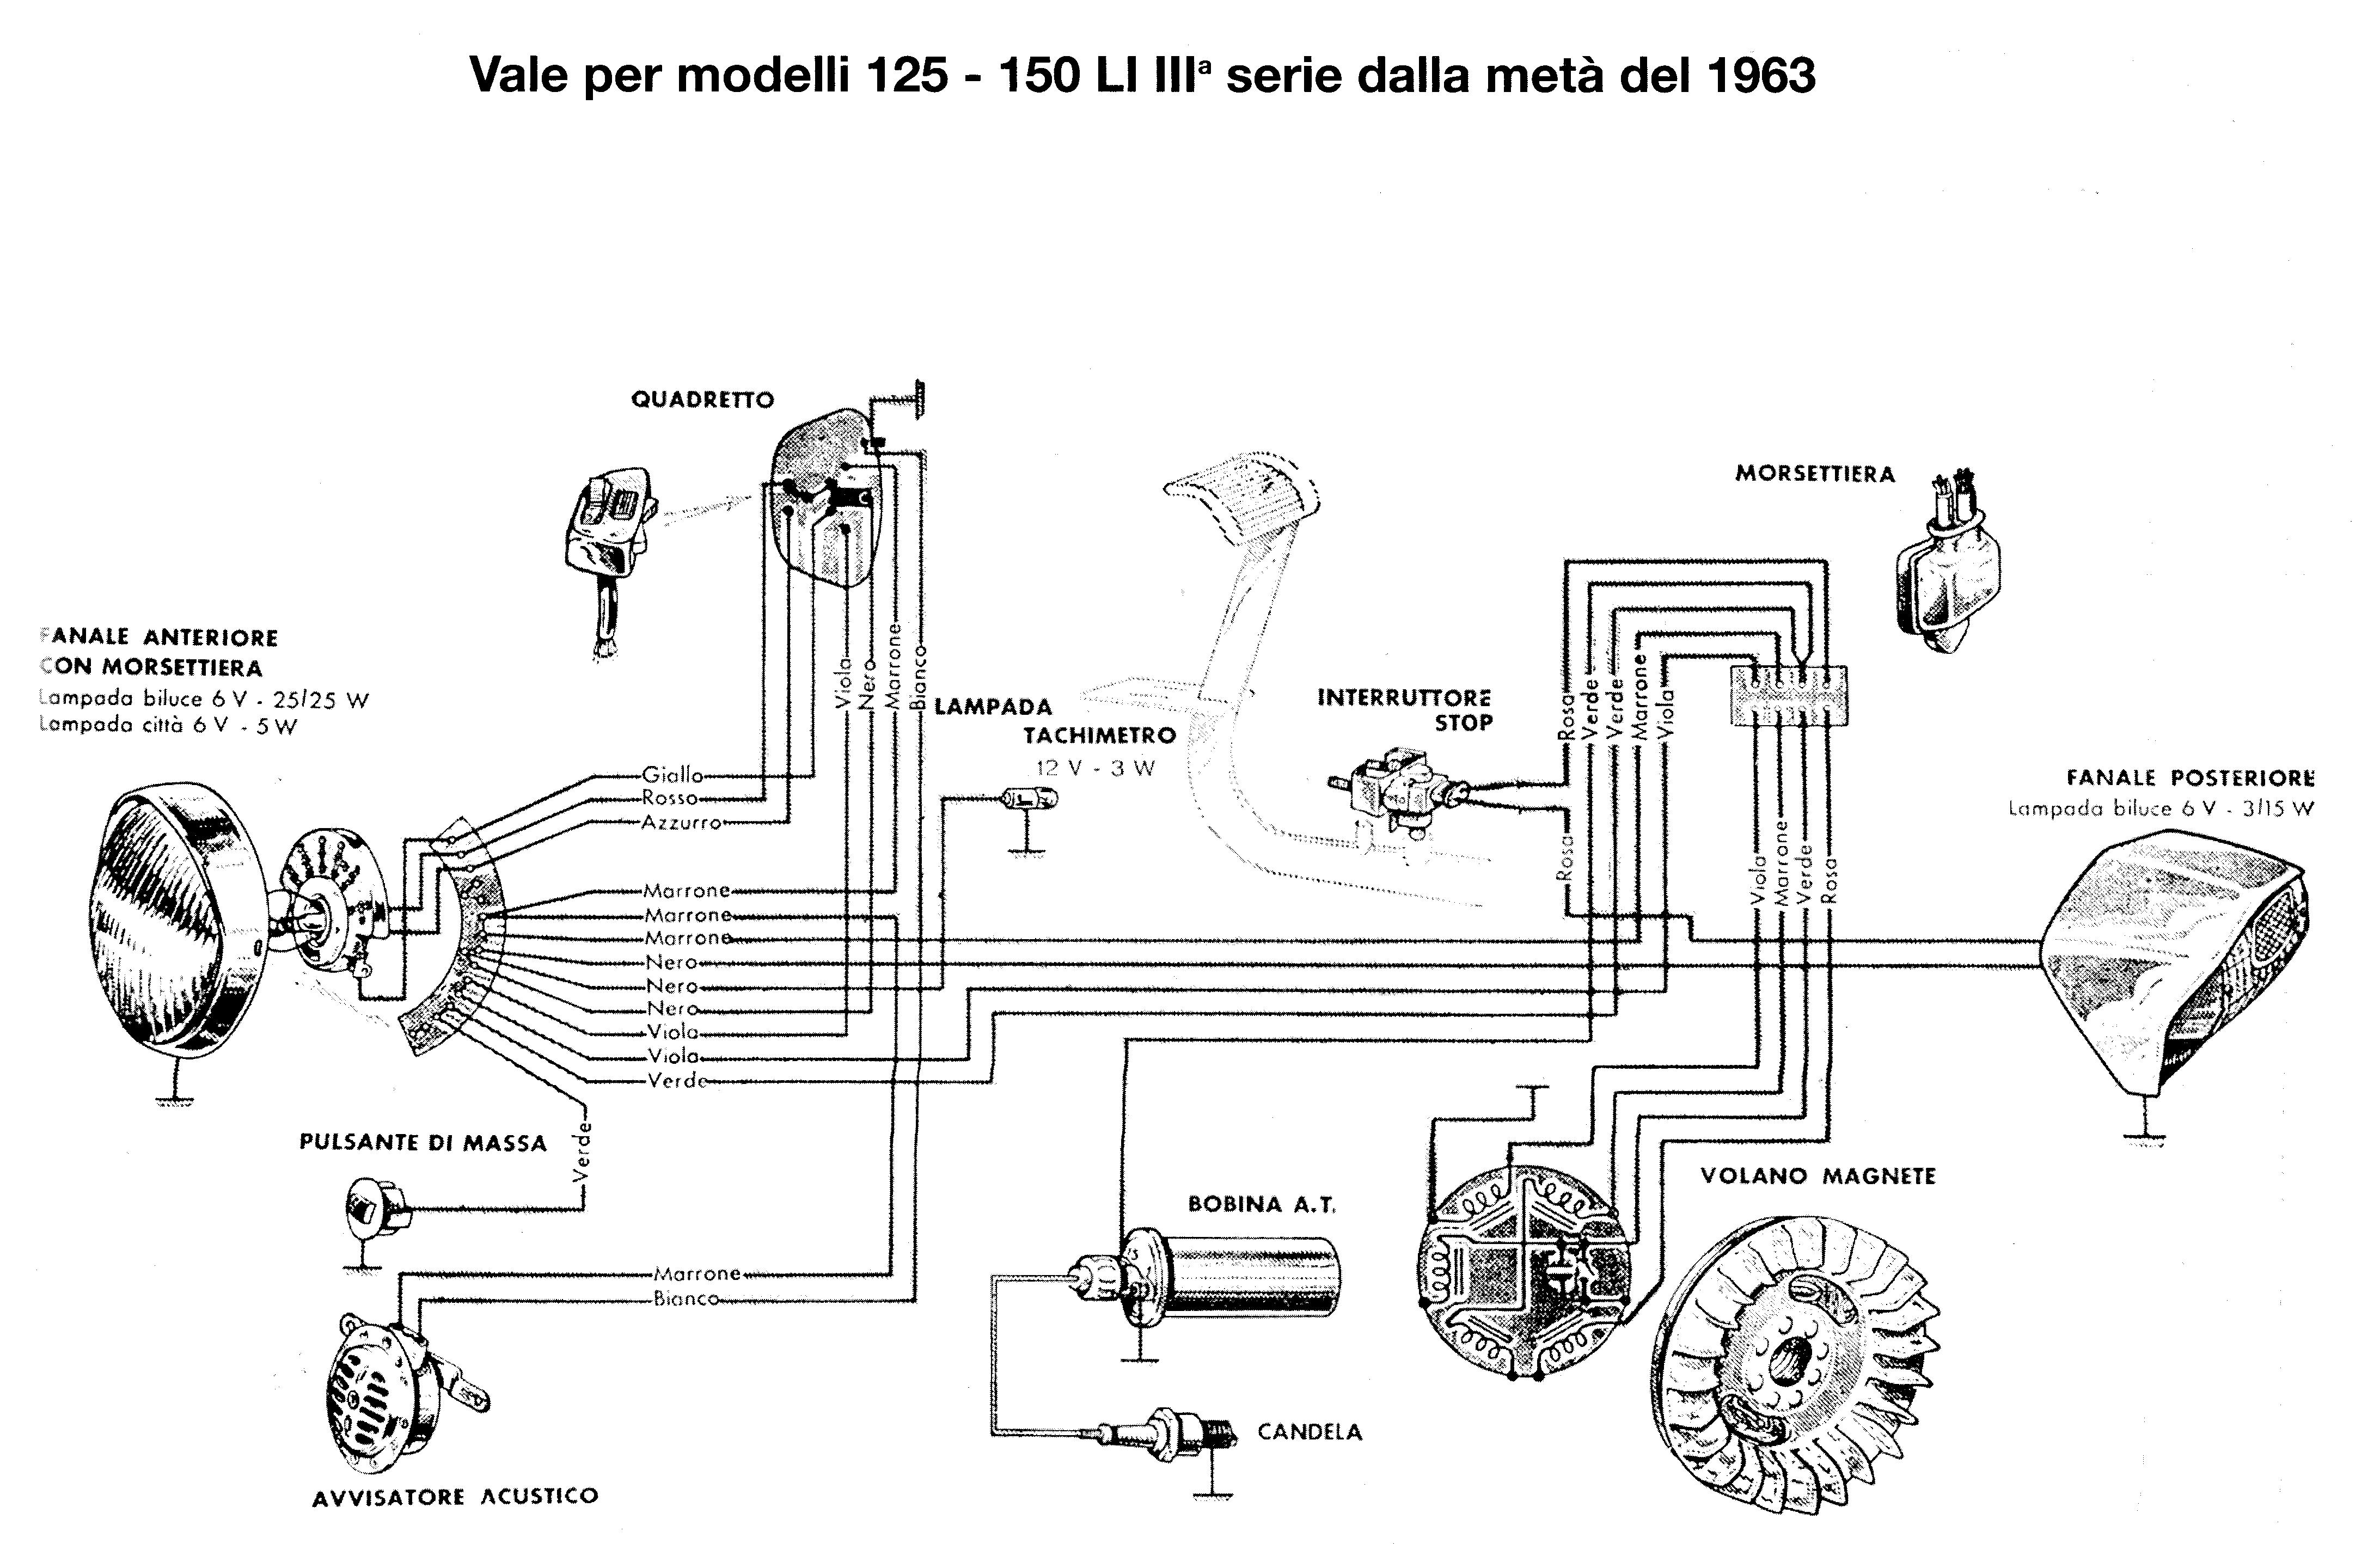 Innocenti Lambretta LI 125 (Serie 3) | Fahrzeuge | Scooter ... on